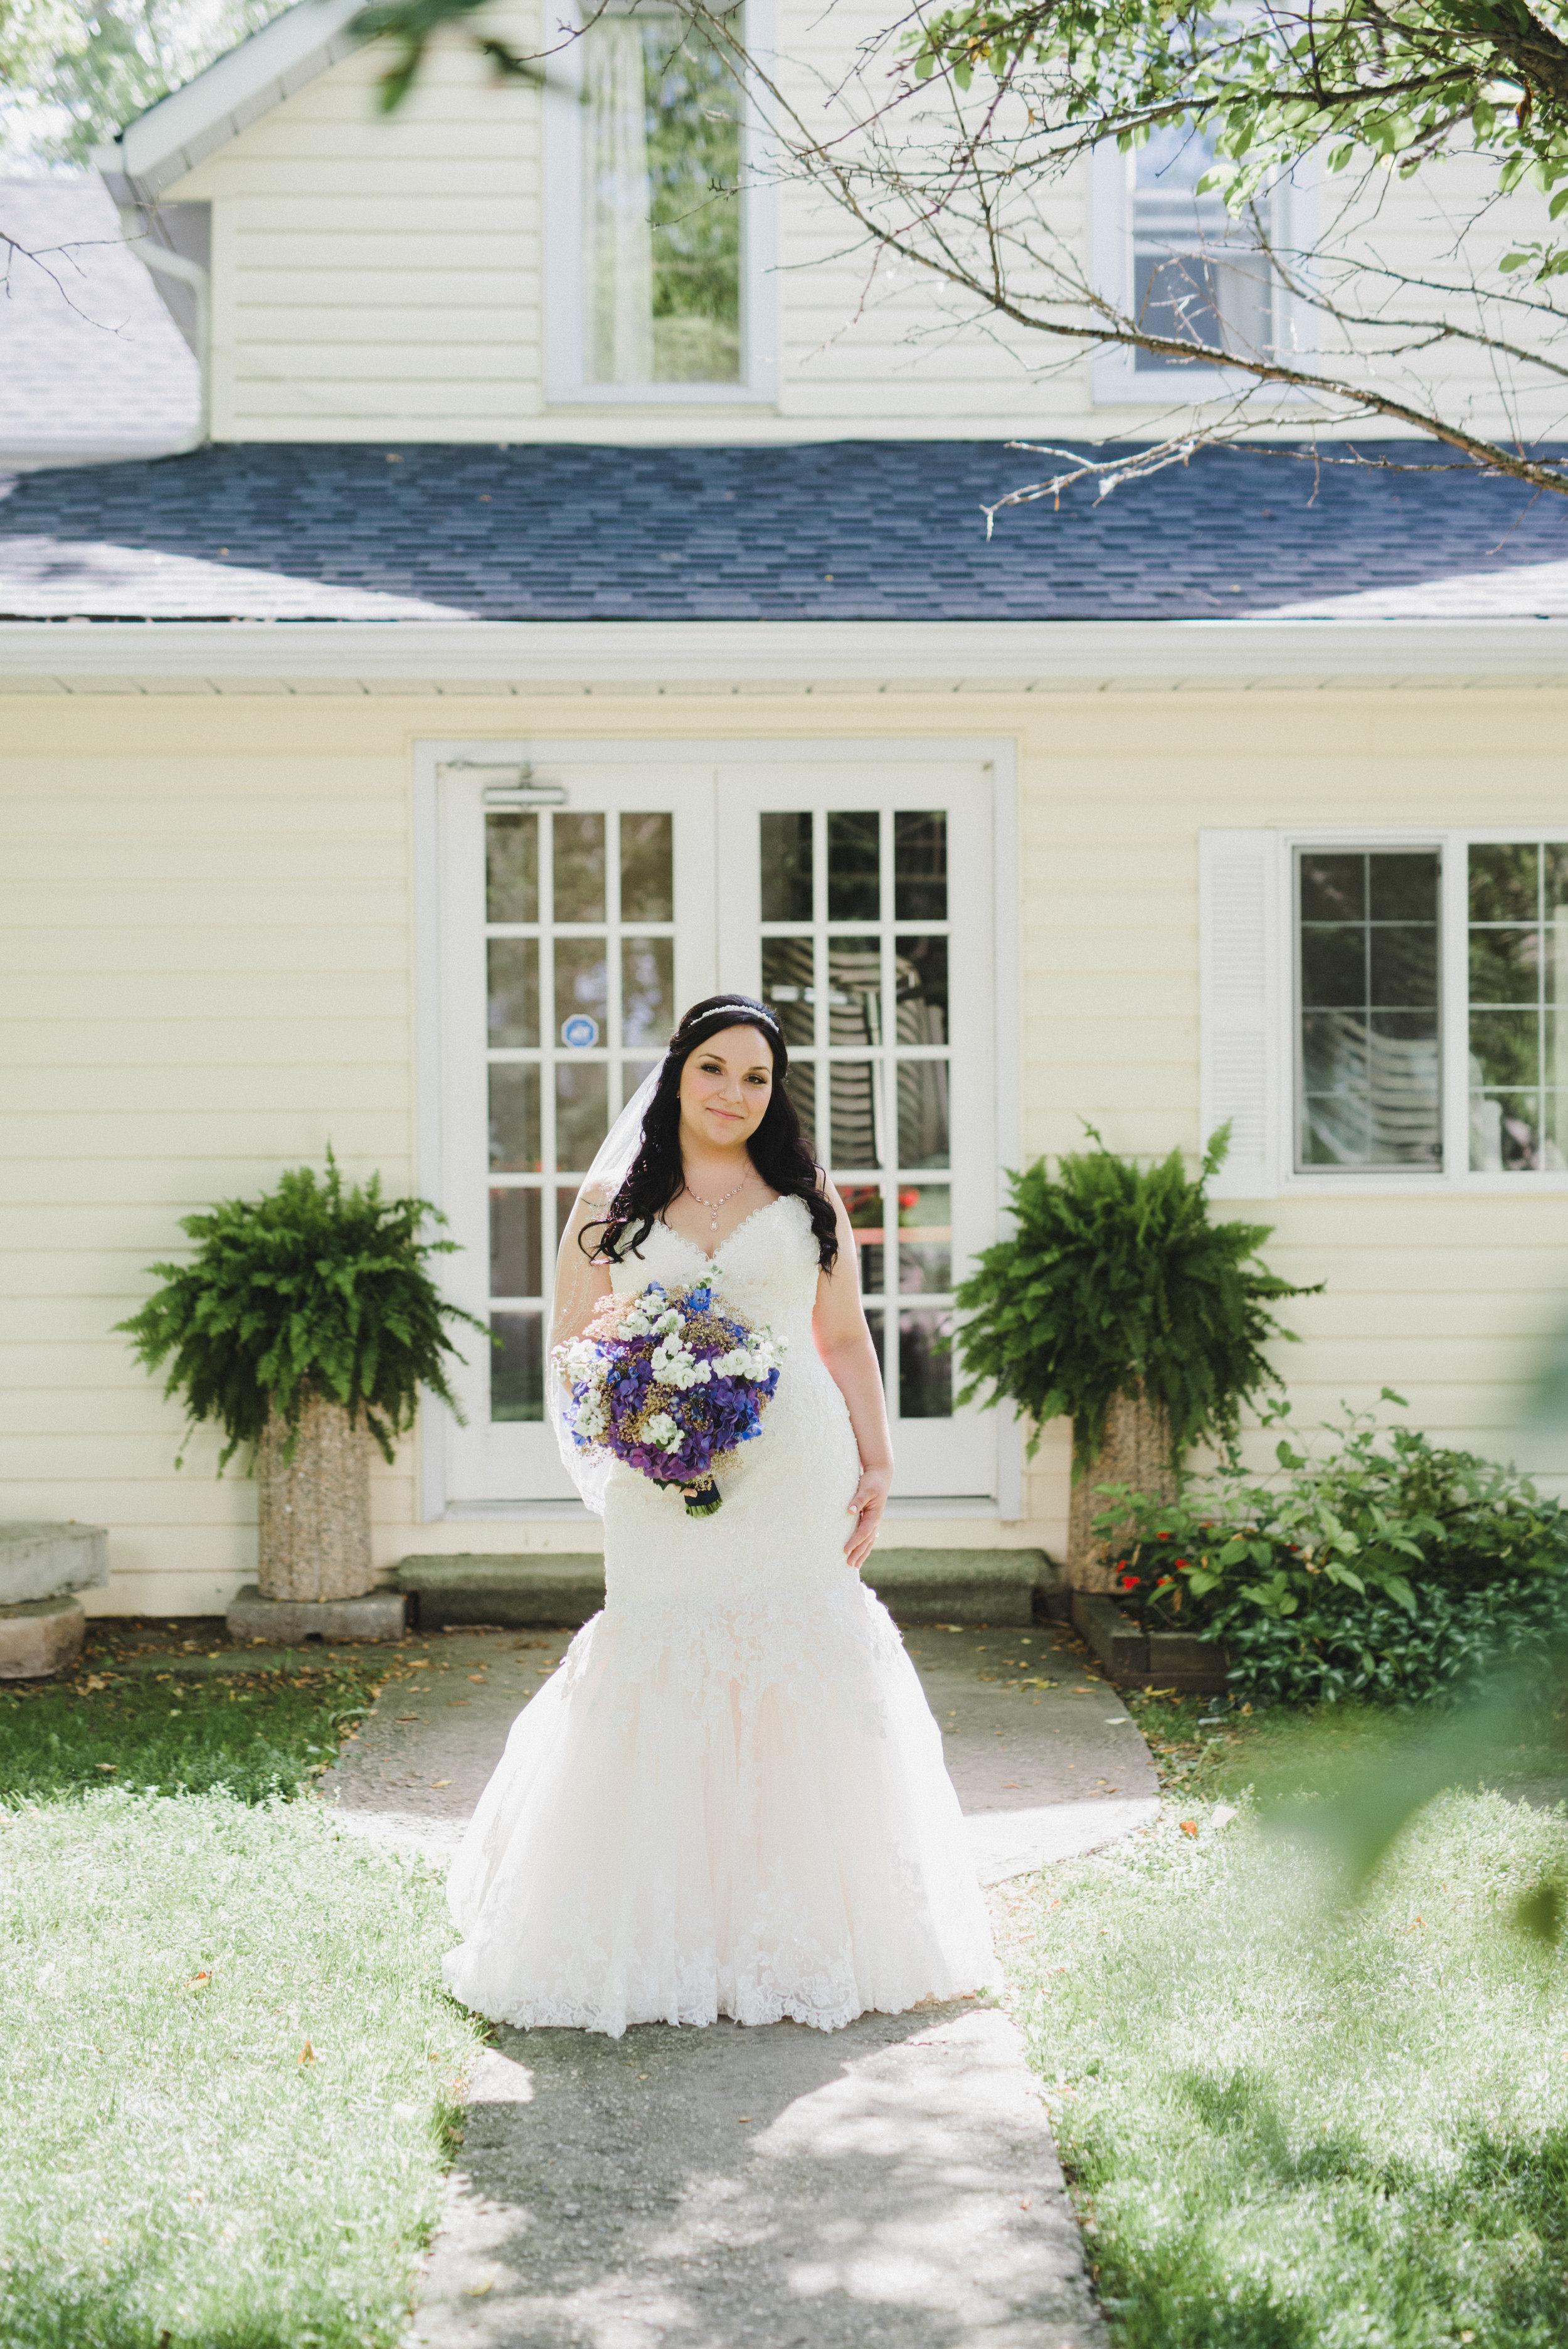 Manitoba Bride